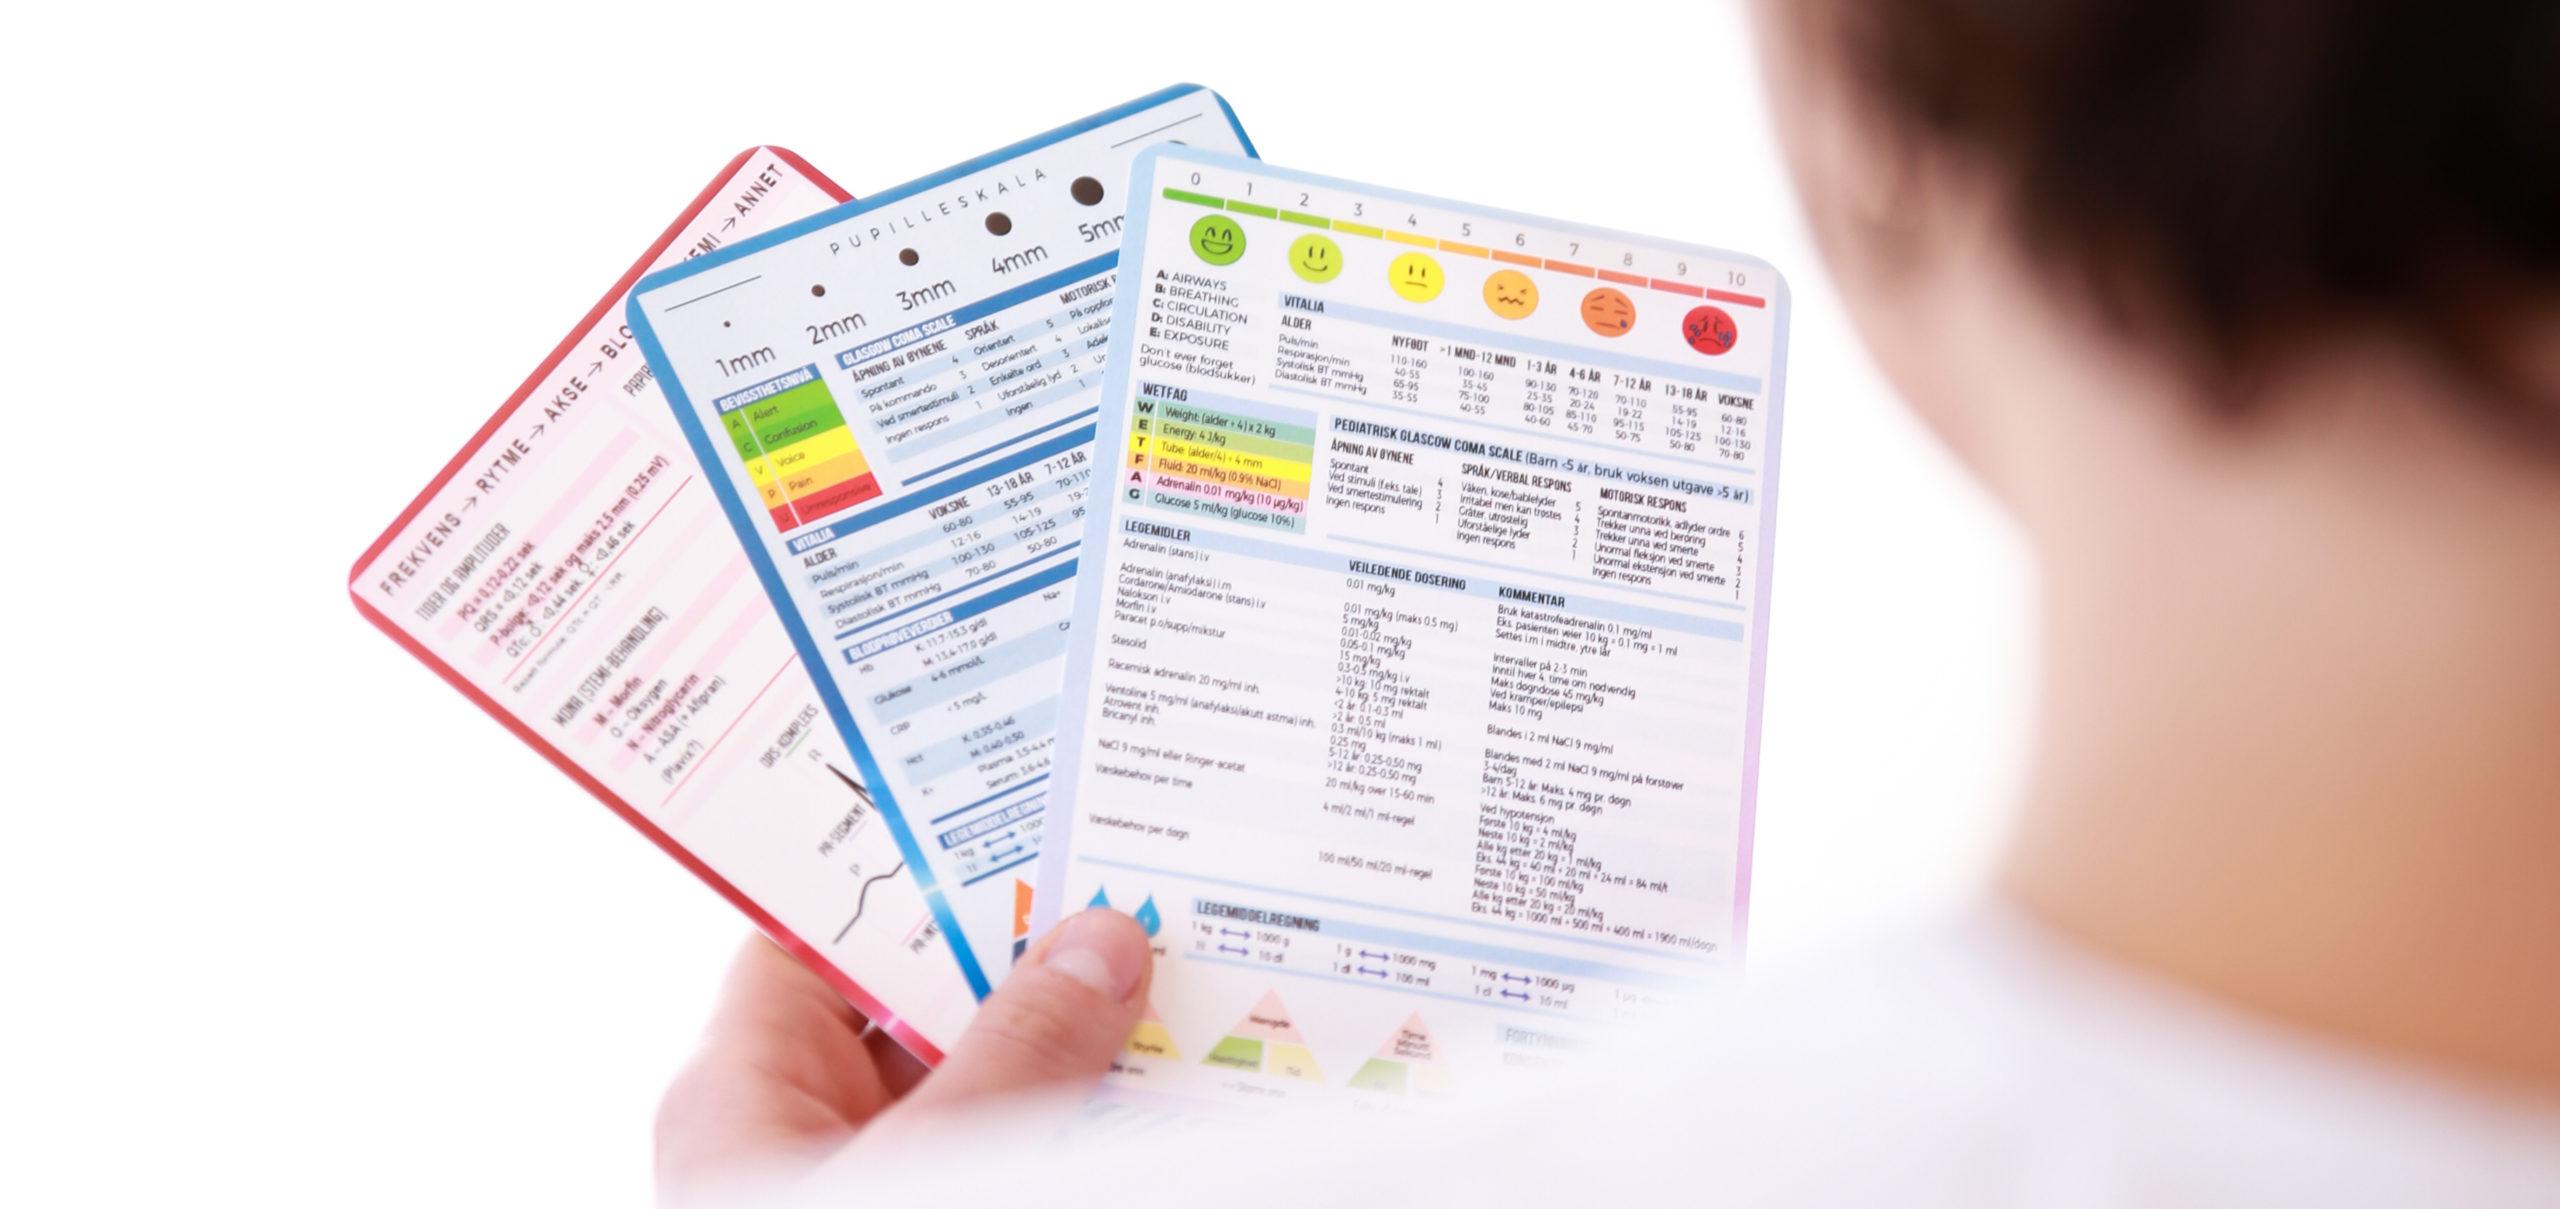 Bilde av Den ultimate referansepakken fra Cingulum med medisinske referansekort